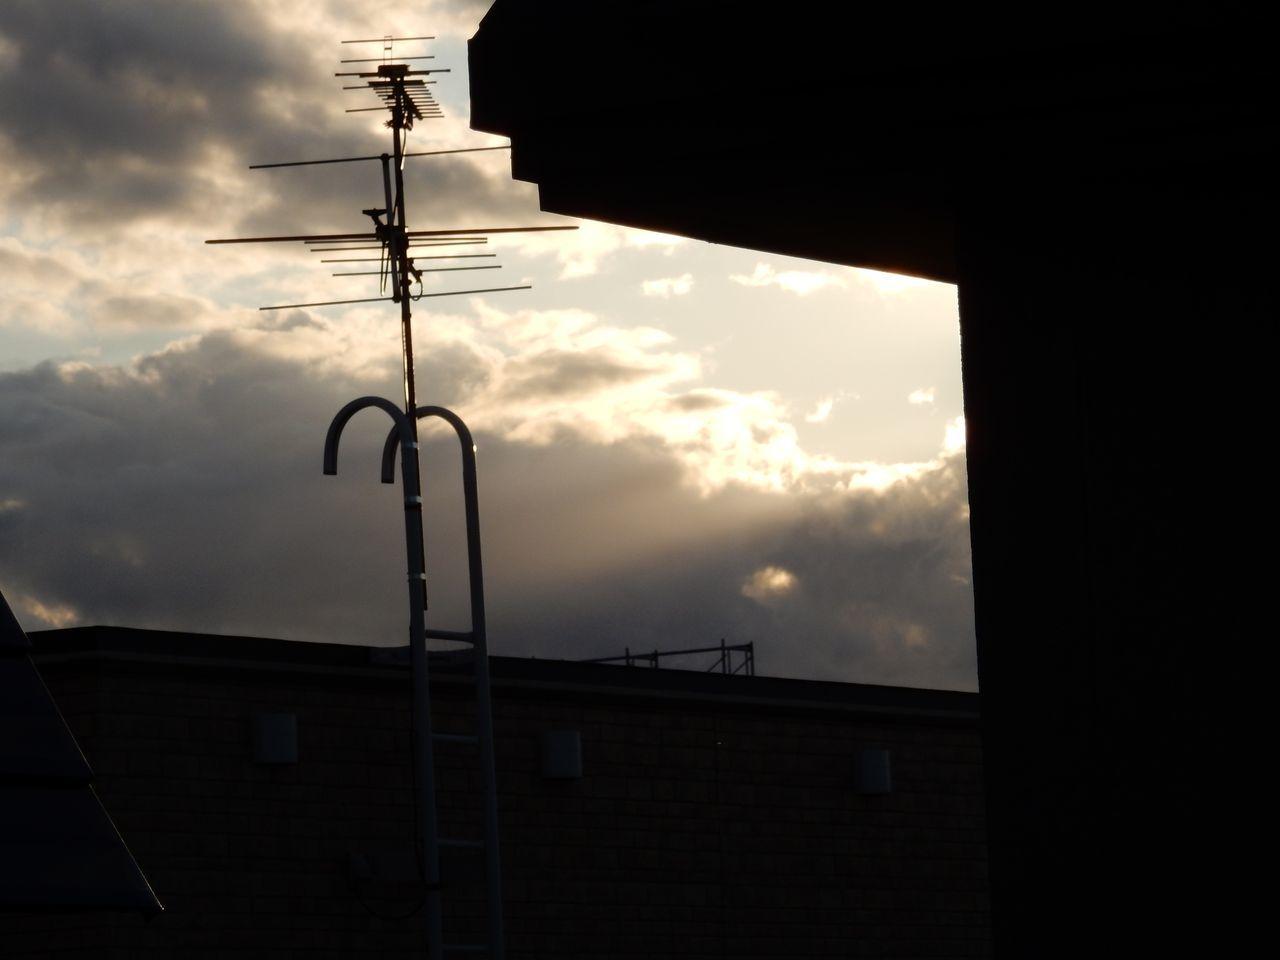 カラリと晴れ上がった夏日_c0025115_22564207.jpg